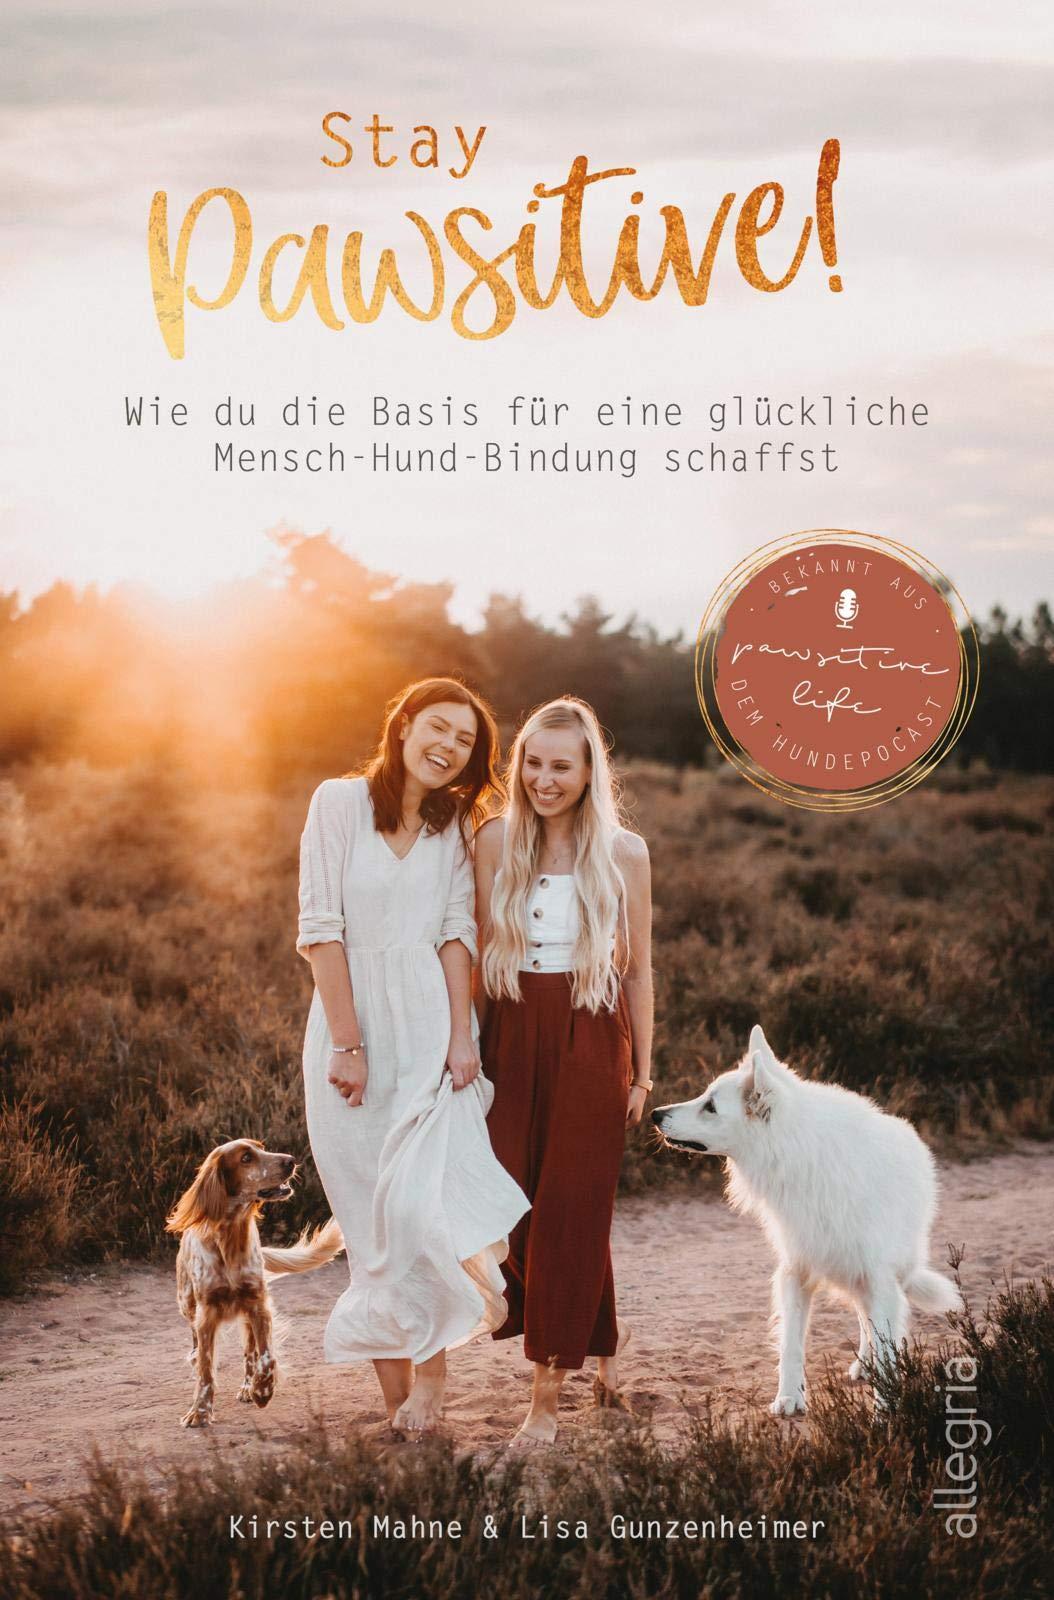 Allegria Taschenbuch - Stay Pawsitive! [Gunzenheimer, Mahne]